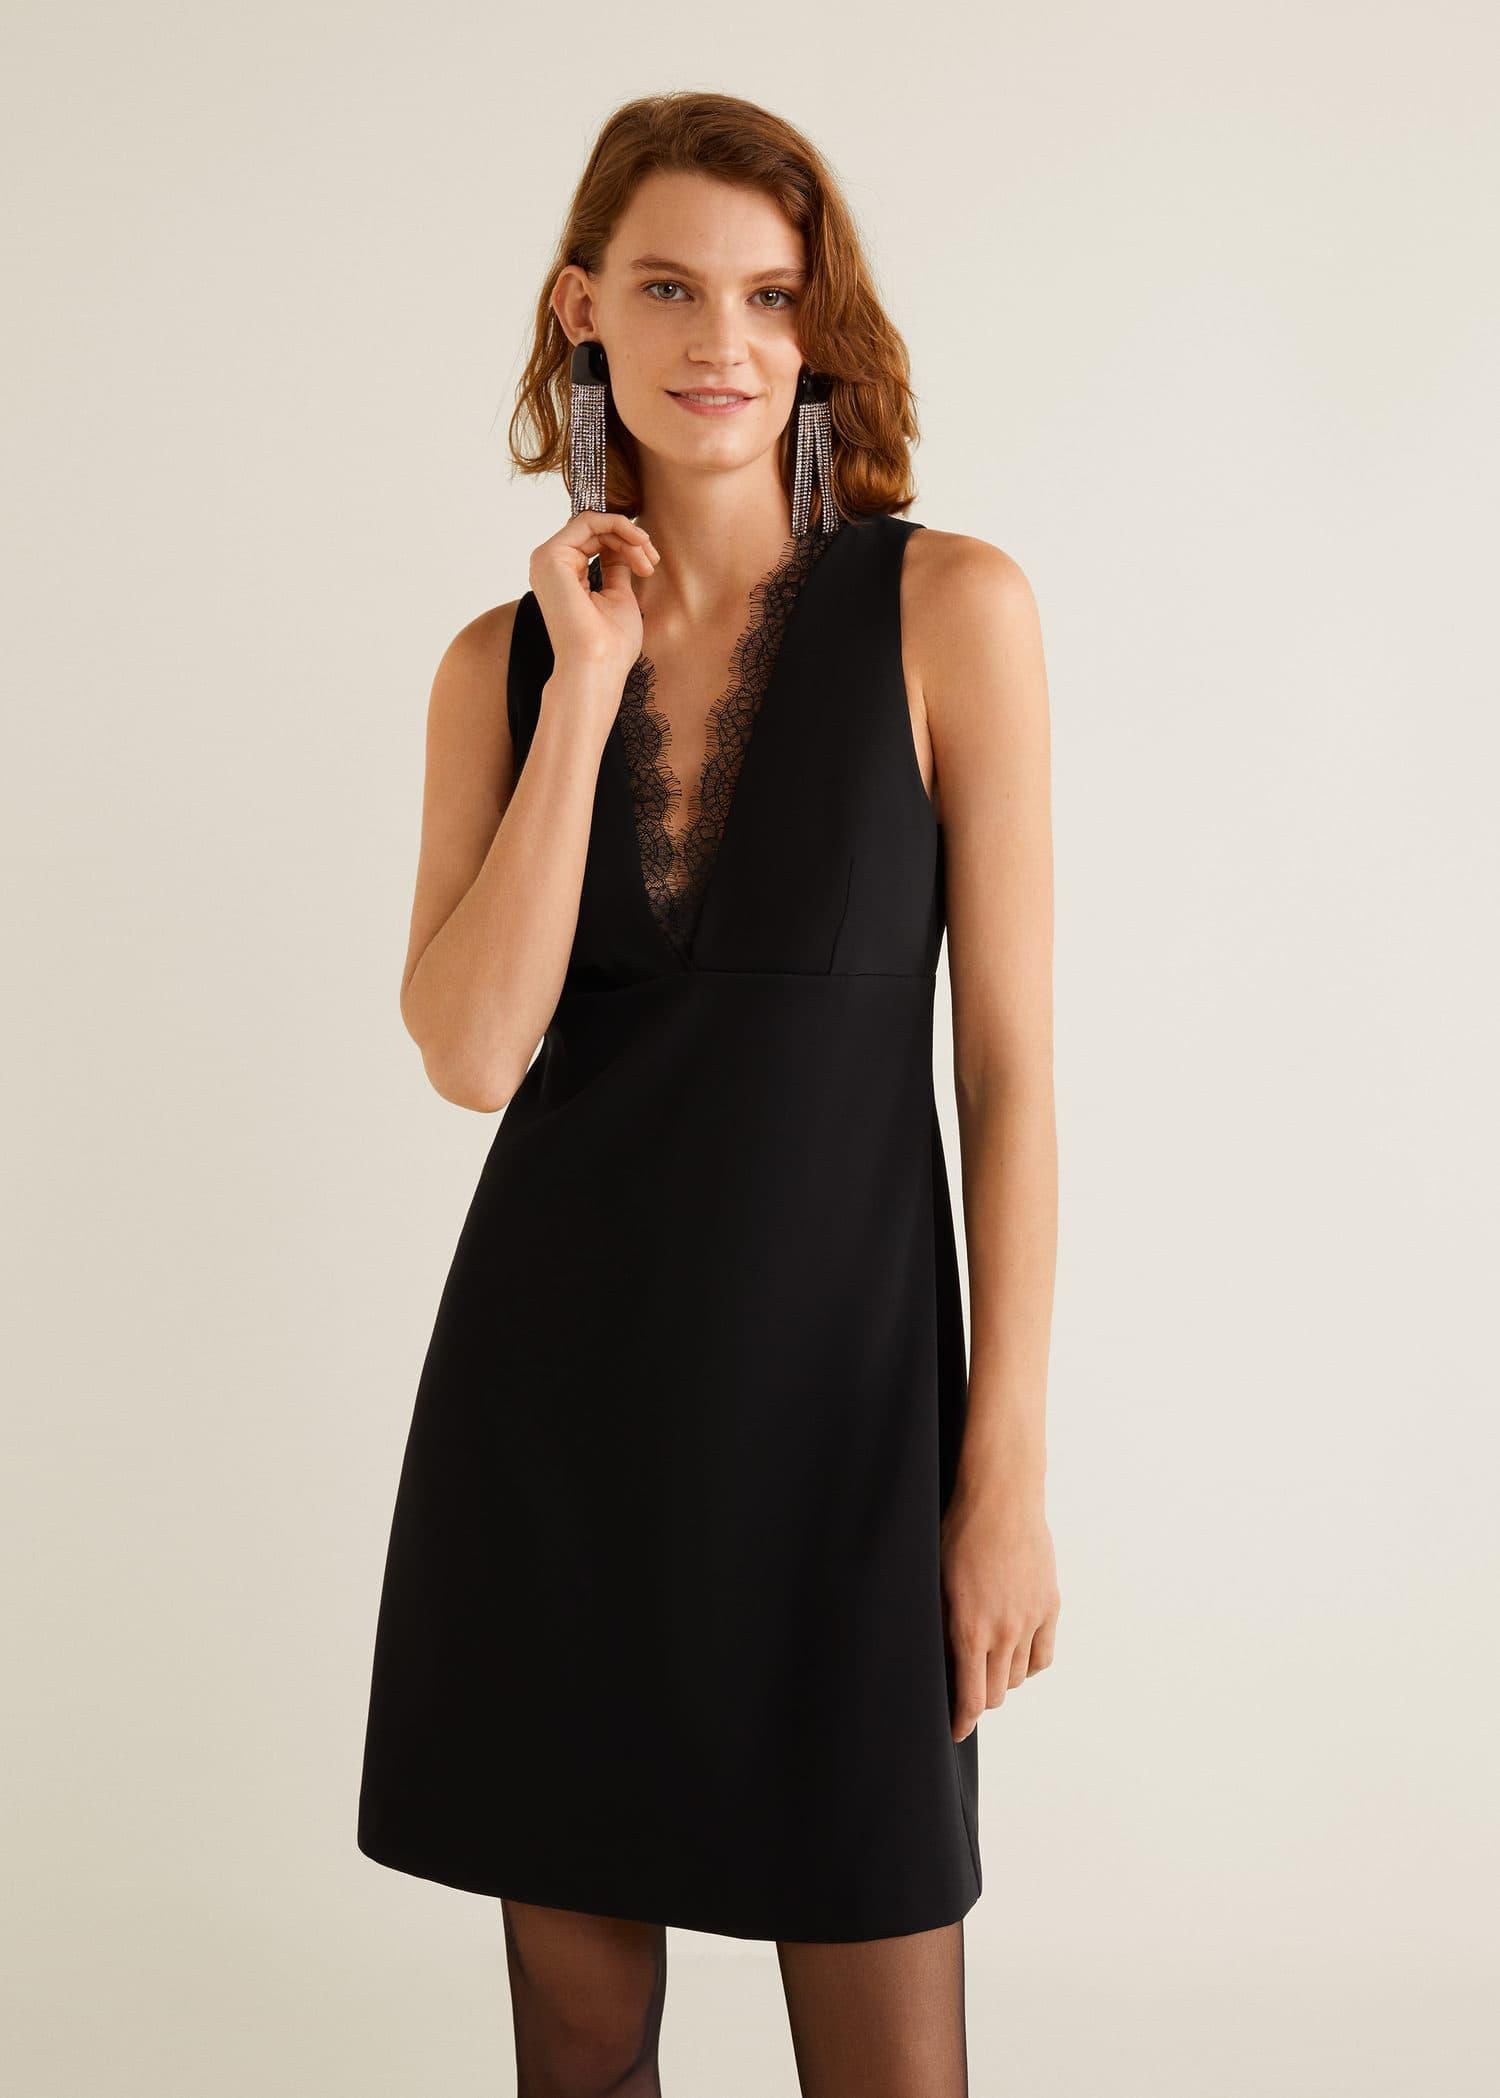 76aaa2204110 Kurze kleider - Kleider für Damen 2019   MANGO Deutschland